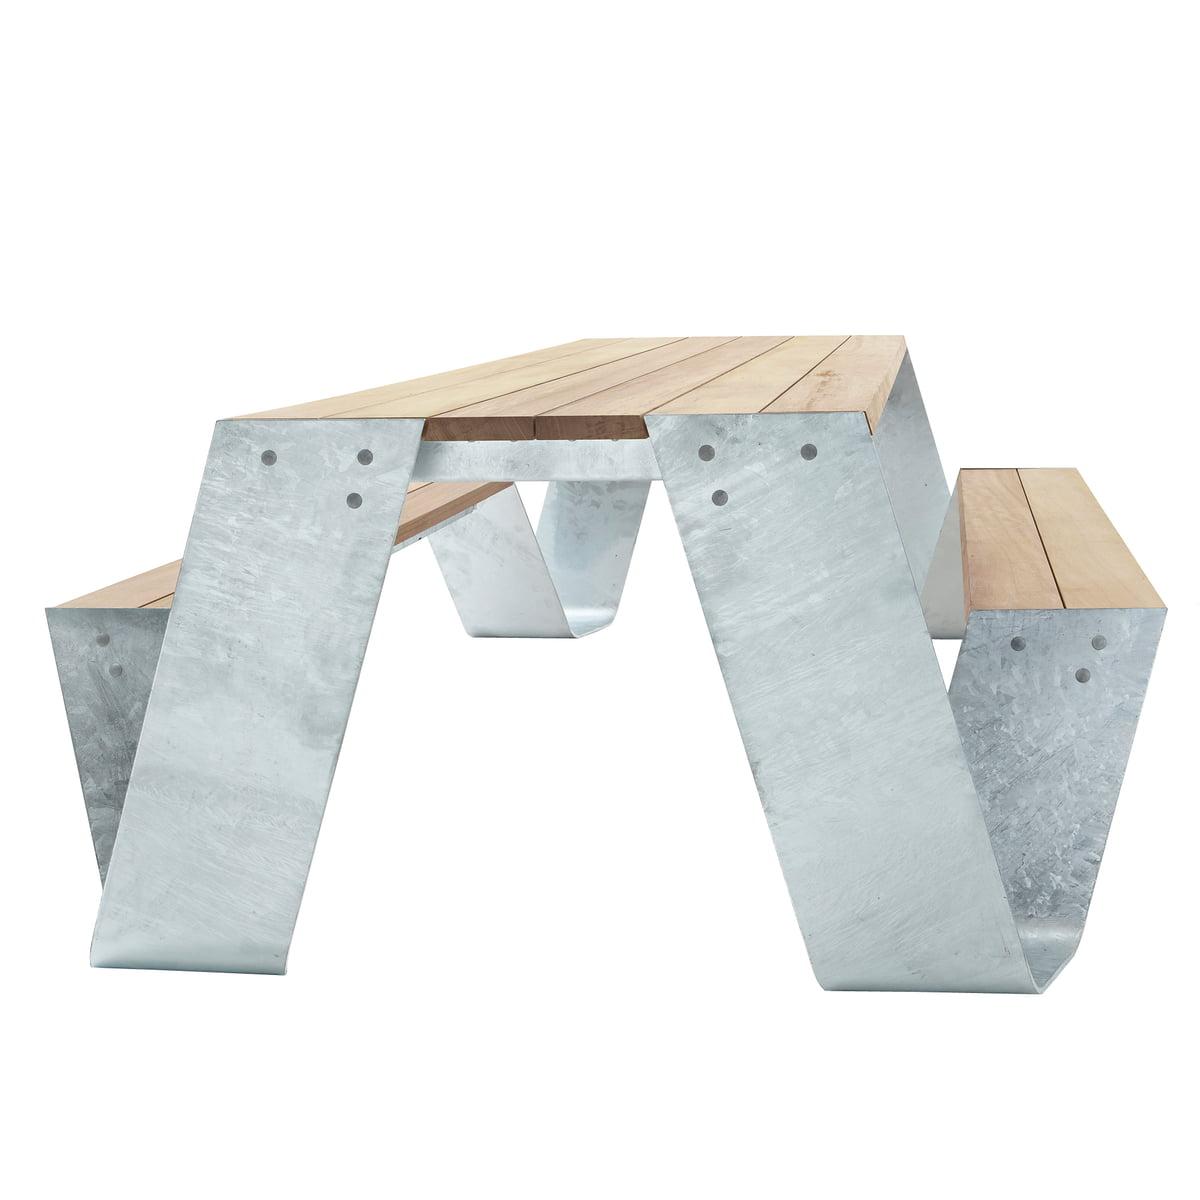 Hopper tisch und bank von extremis im shop for Design tisch stahl